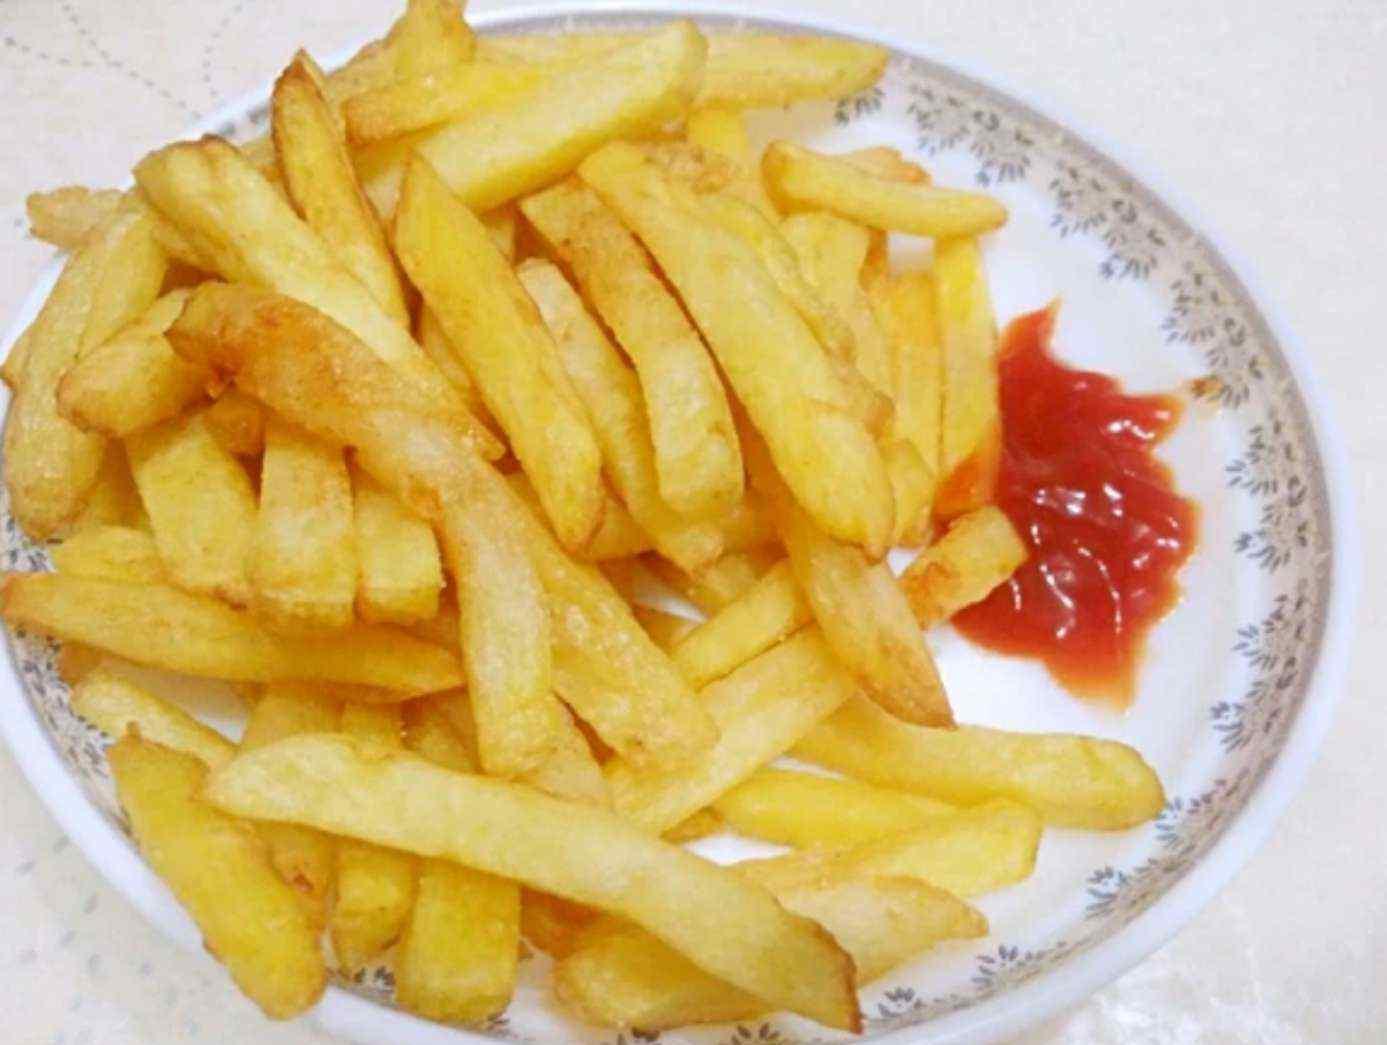 学炸薯条 学会这个炸薯条的小秘密,炸出和肯德基、麦当劳一样的薯条!